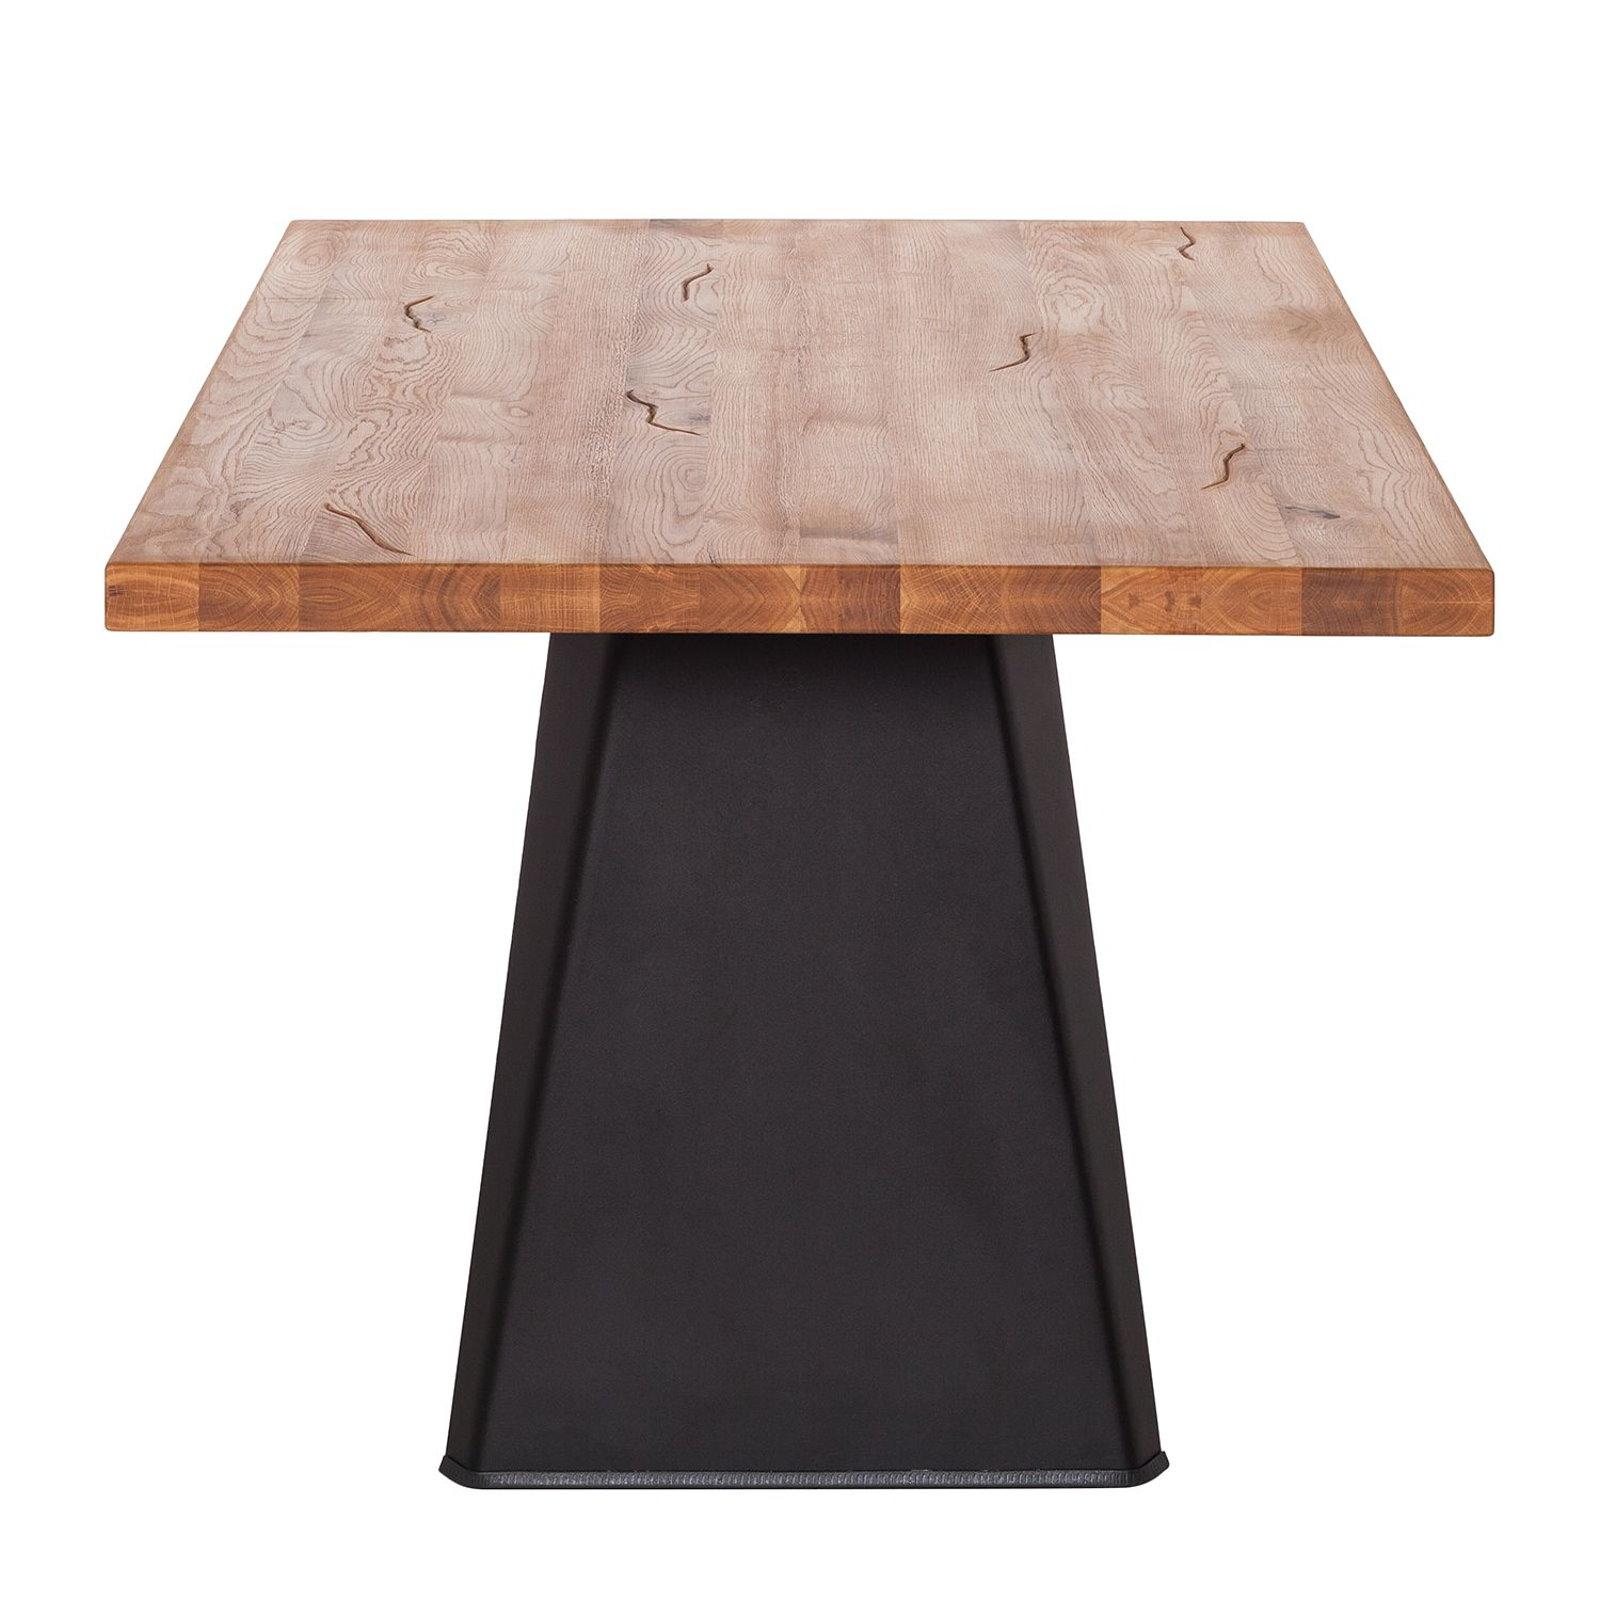 Design Esstisch Eiche Massiv Eisen 200x100 Tisch Küchentisch Holztisch  Esszimmer U2013 Bild 3